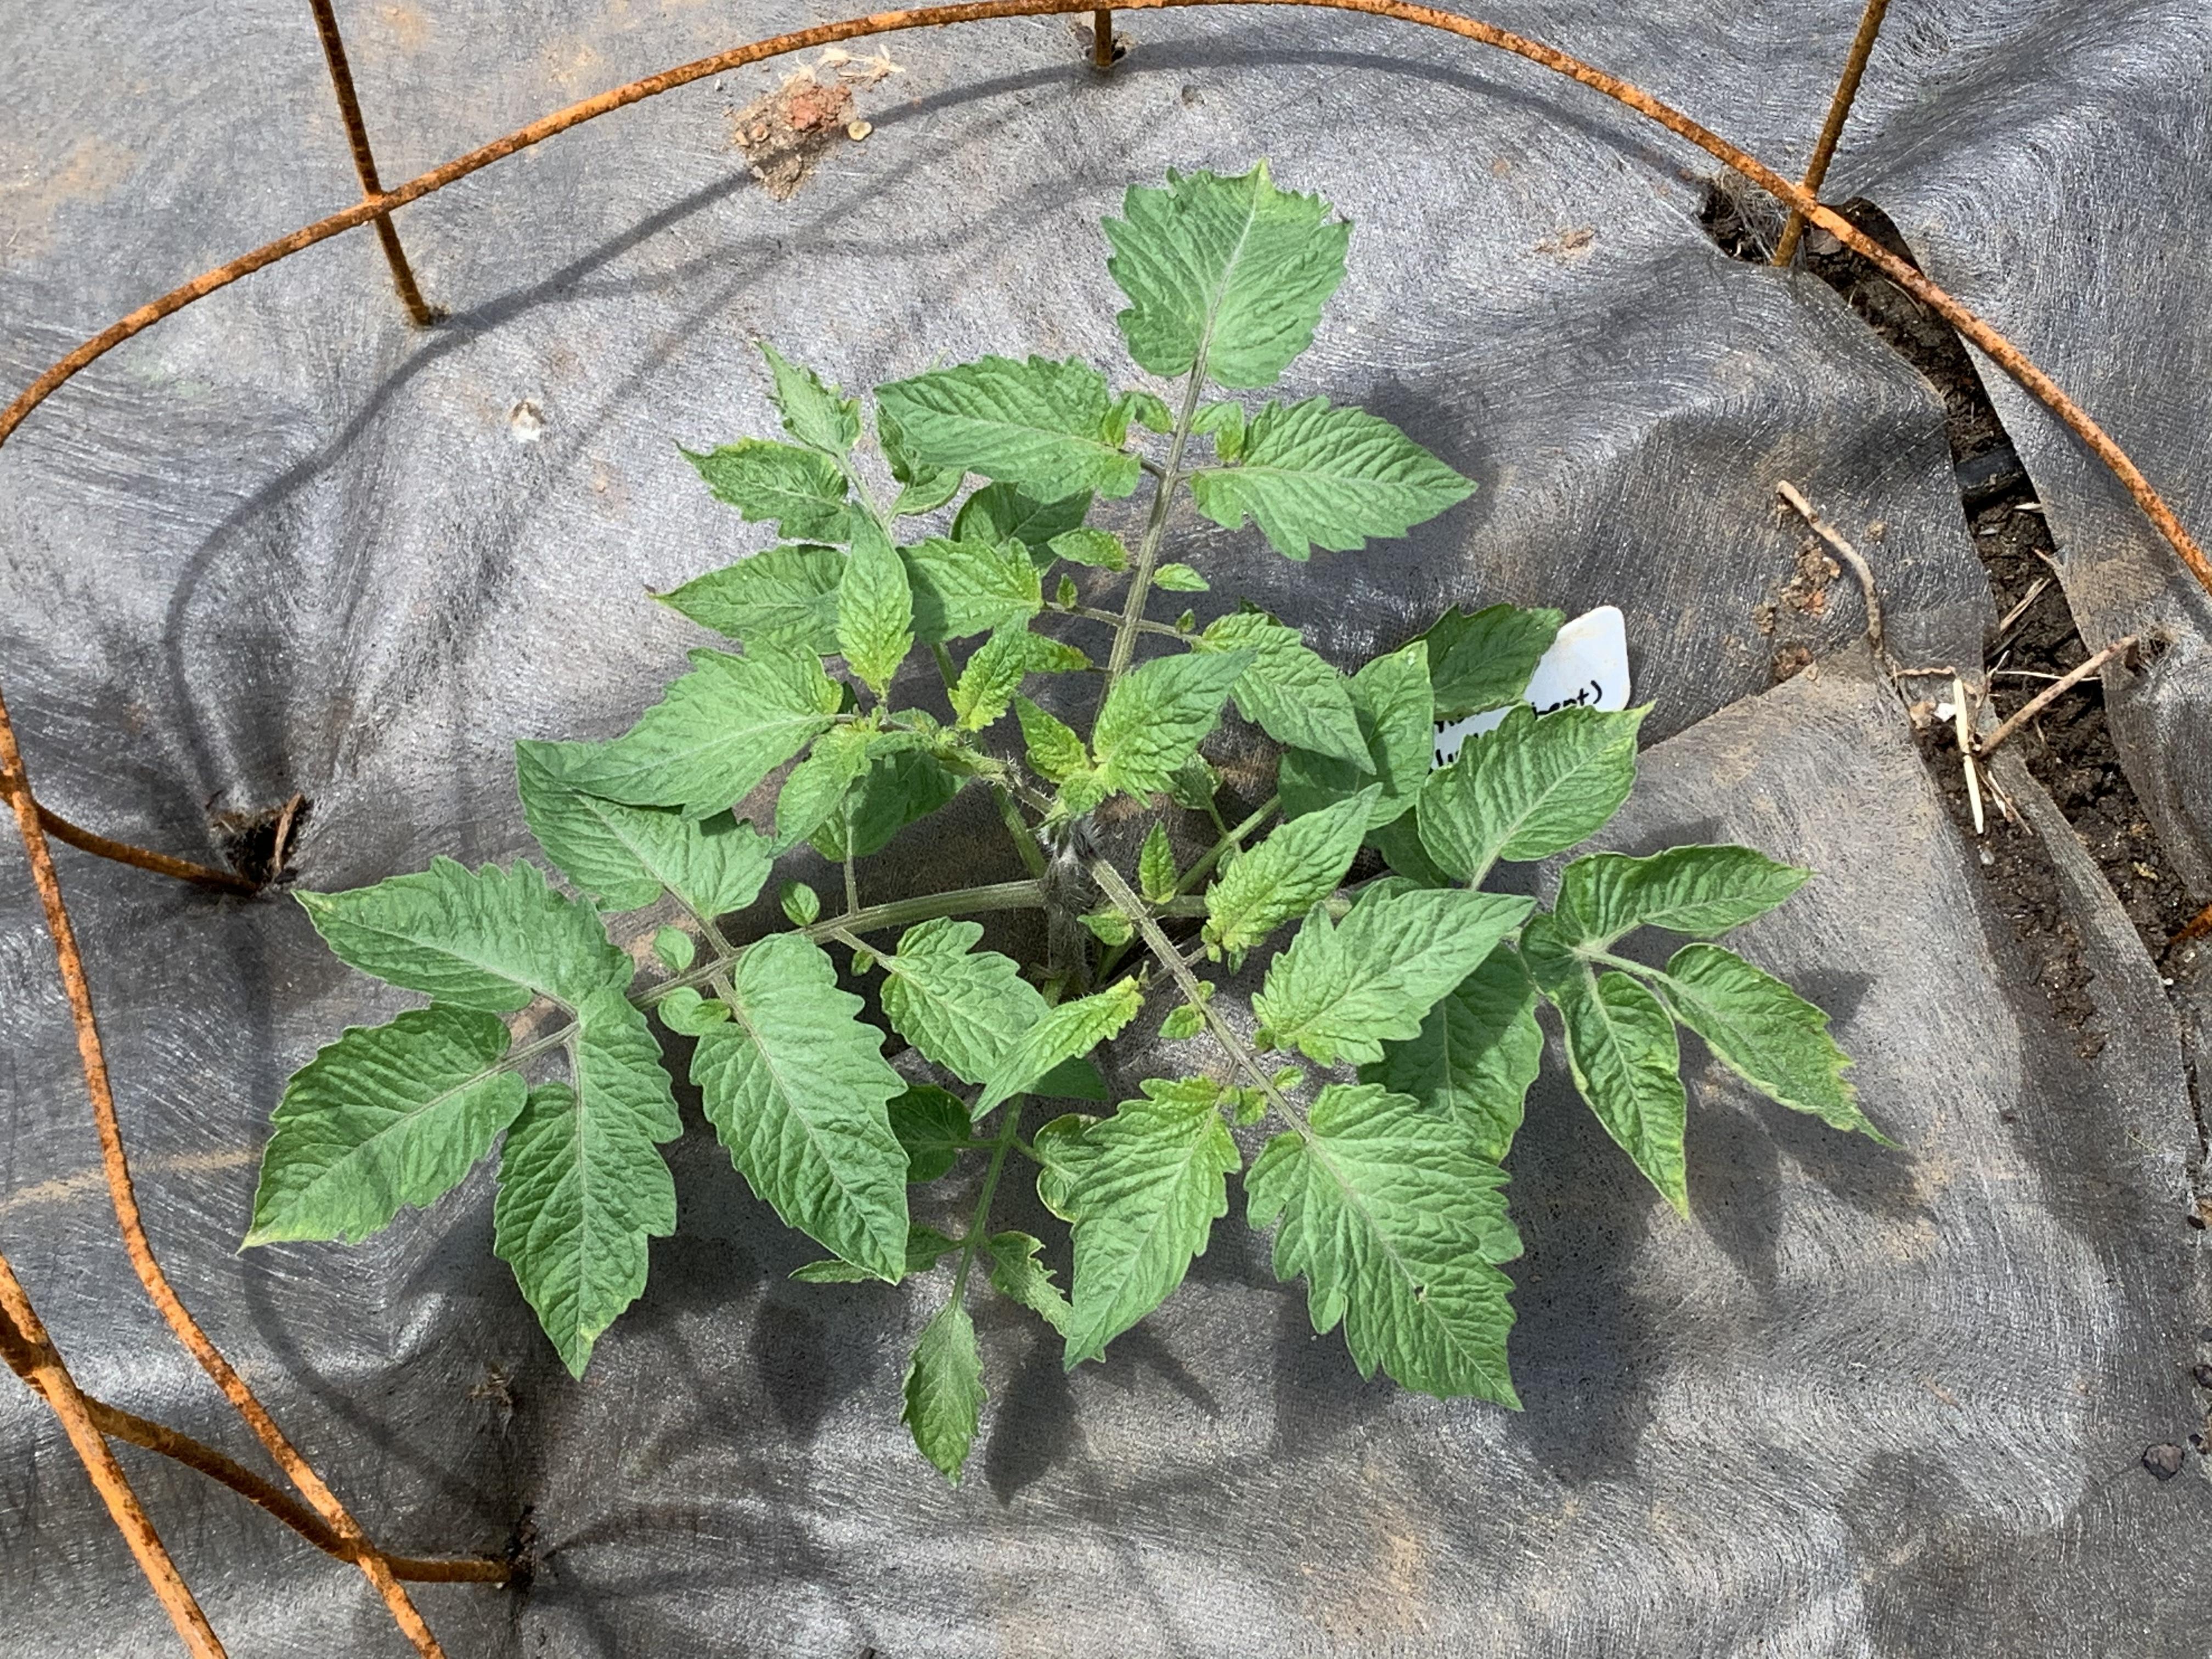 CE172117 C996 462F 910A 0D6937F3C501 Cucumbers planted!